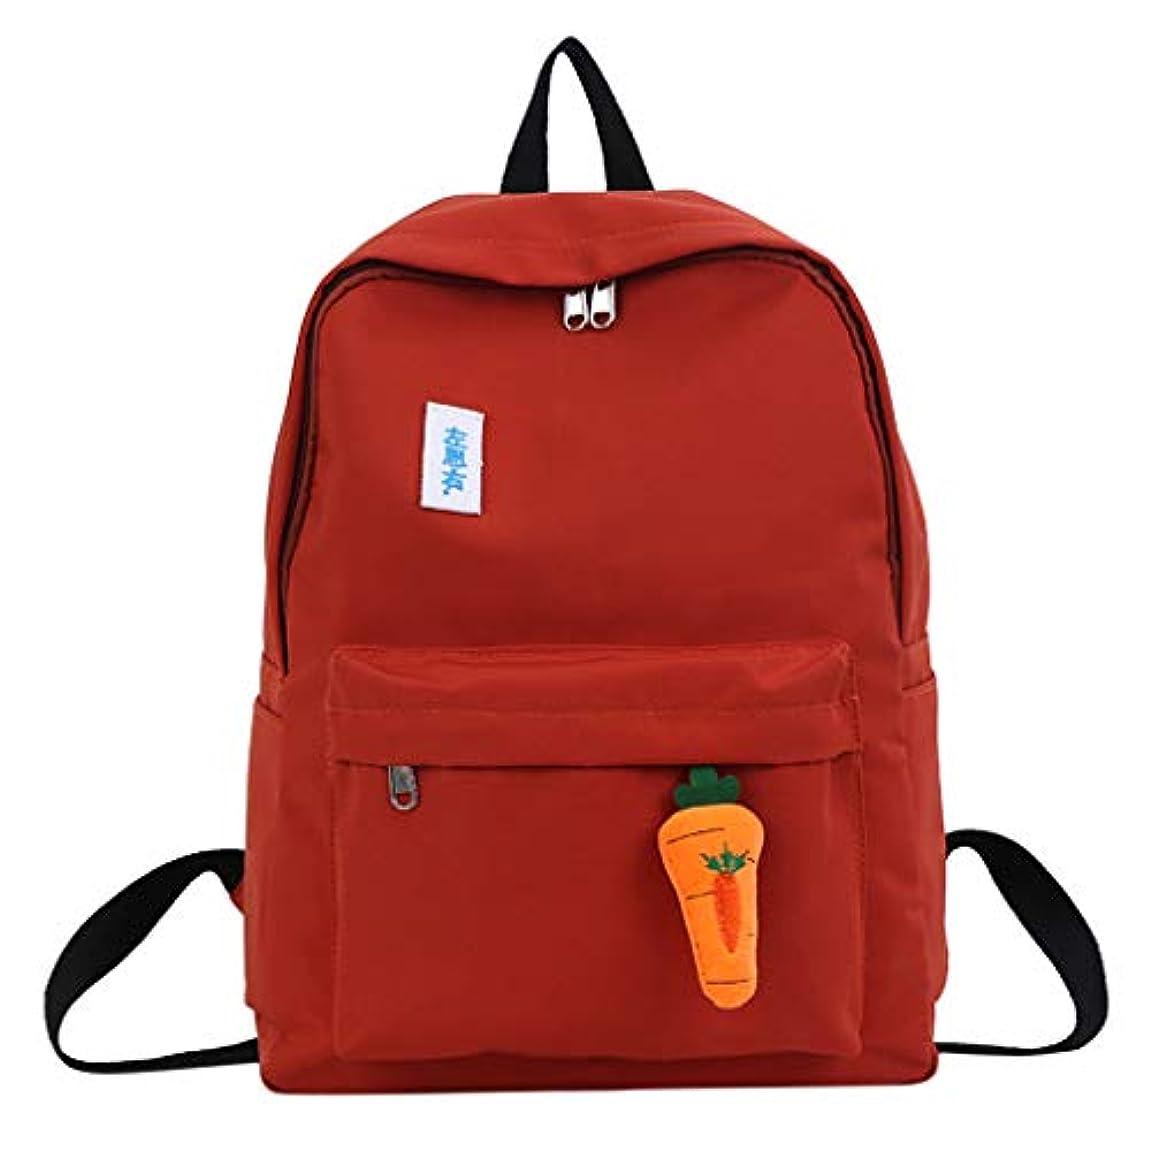 のぞき見バレル静的女子学生カジュアルファッションシンプルなバックパック軽量キャンバスバックパックガールズ屋外大容量かわいいヴィンテージバッグ